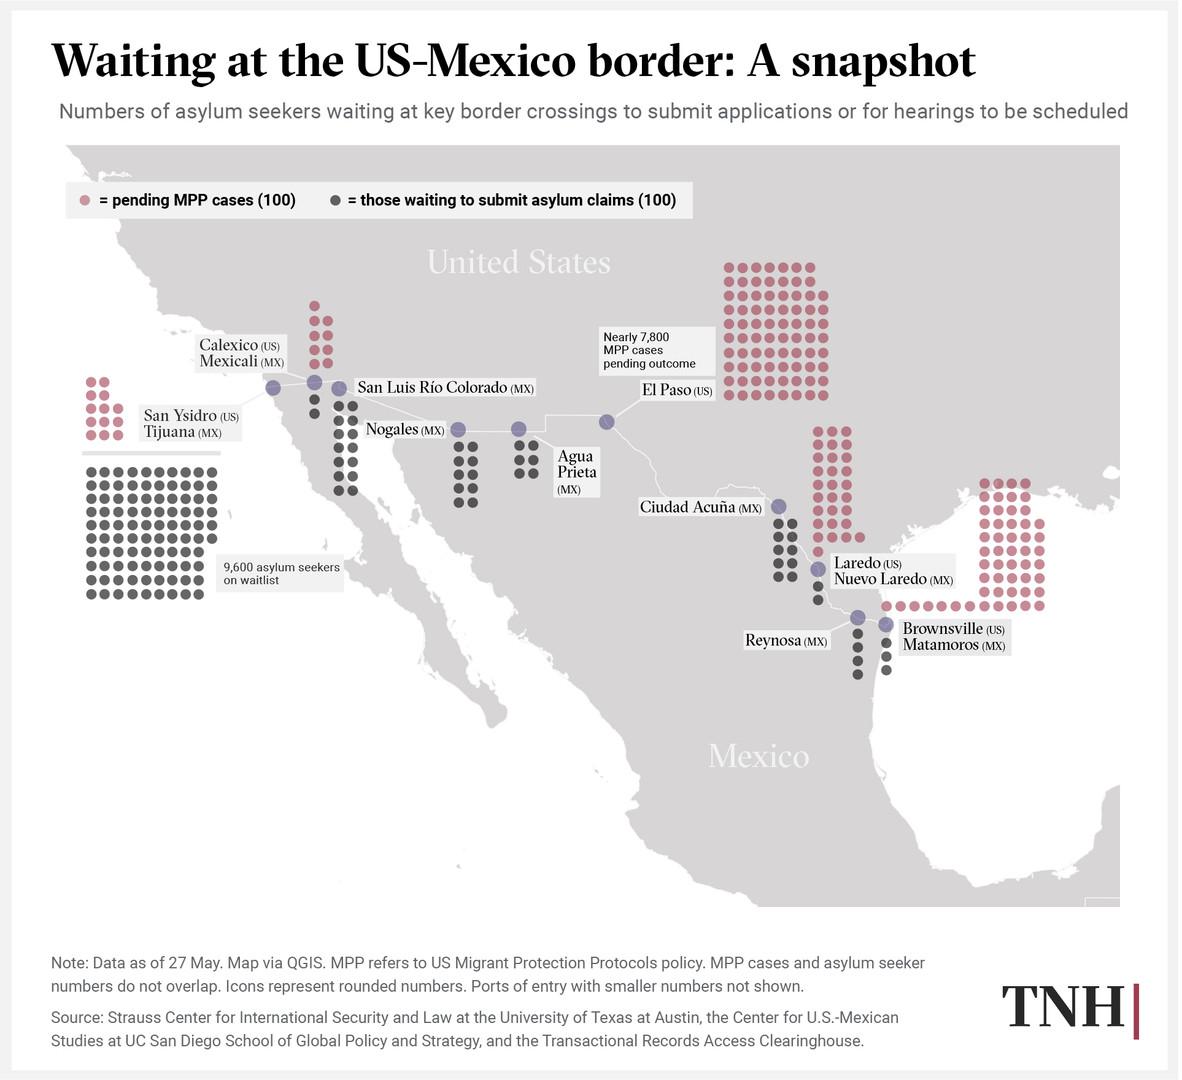 Waiting at the US-Mexico border: A snapshot